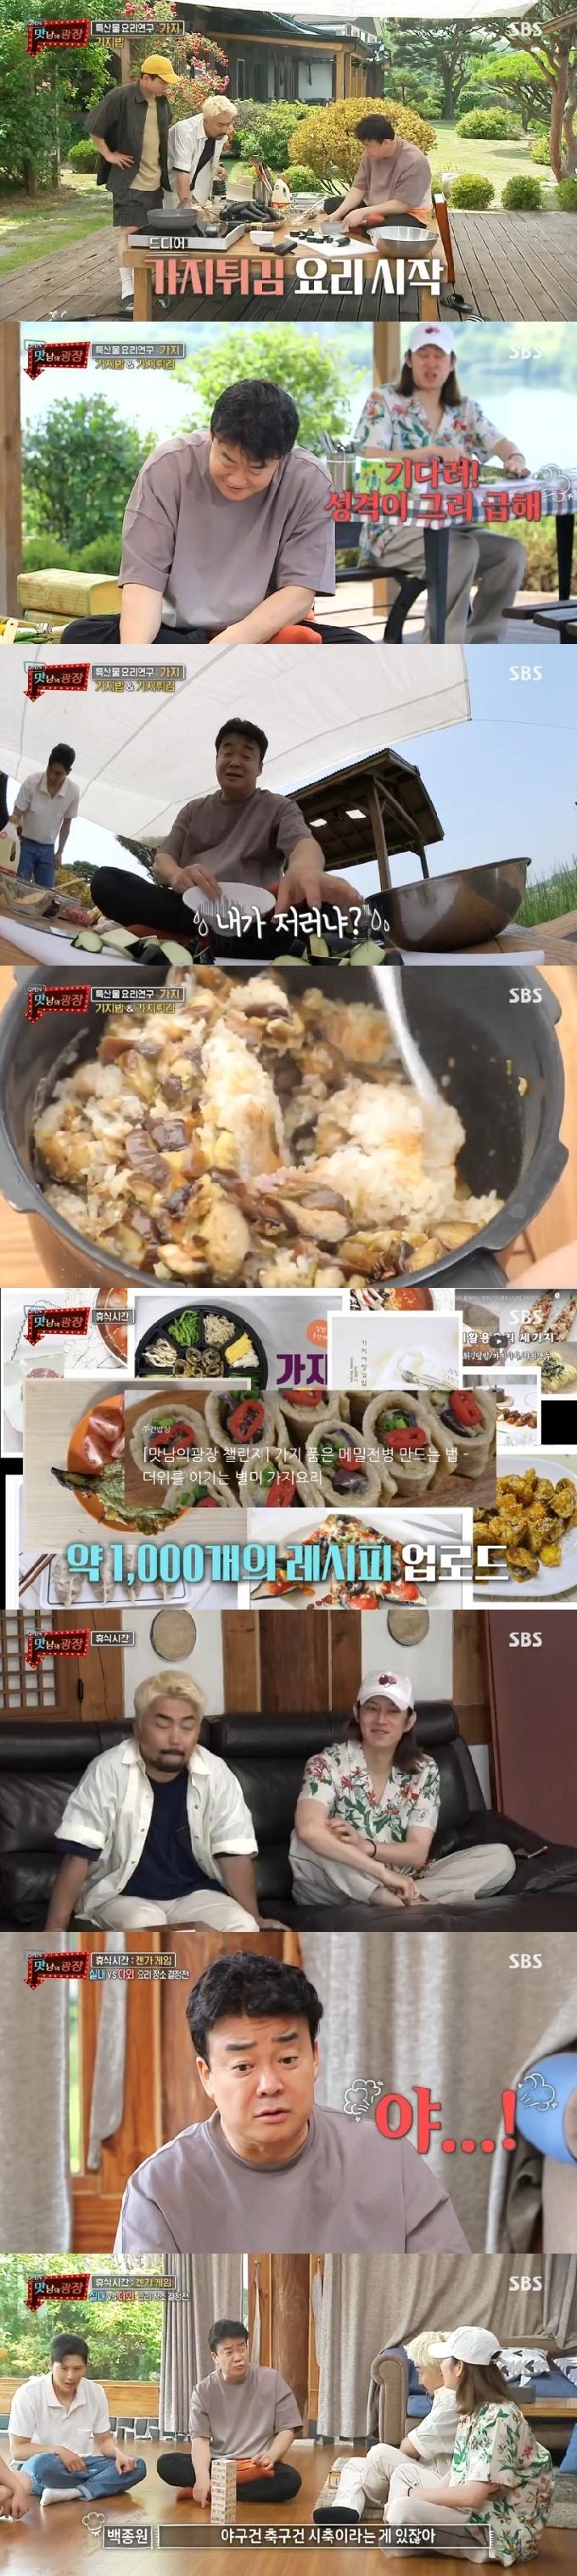 '맛남의 광장' 바닥 취침 걸린 '가지 레시피' 대결…백종원 선택은?(종합)